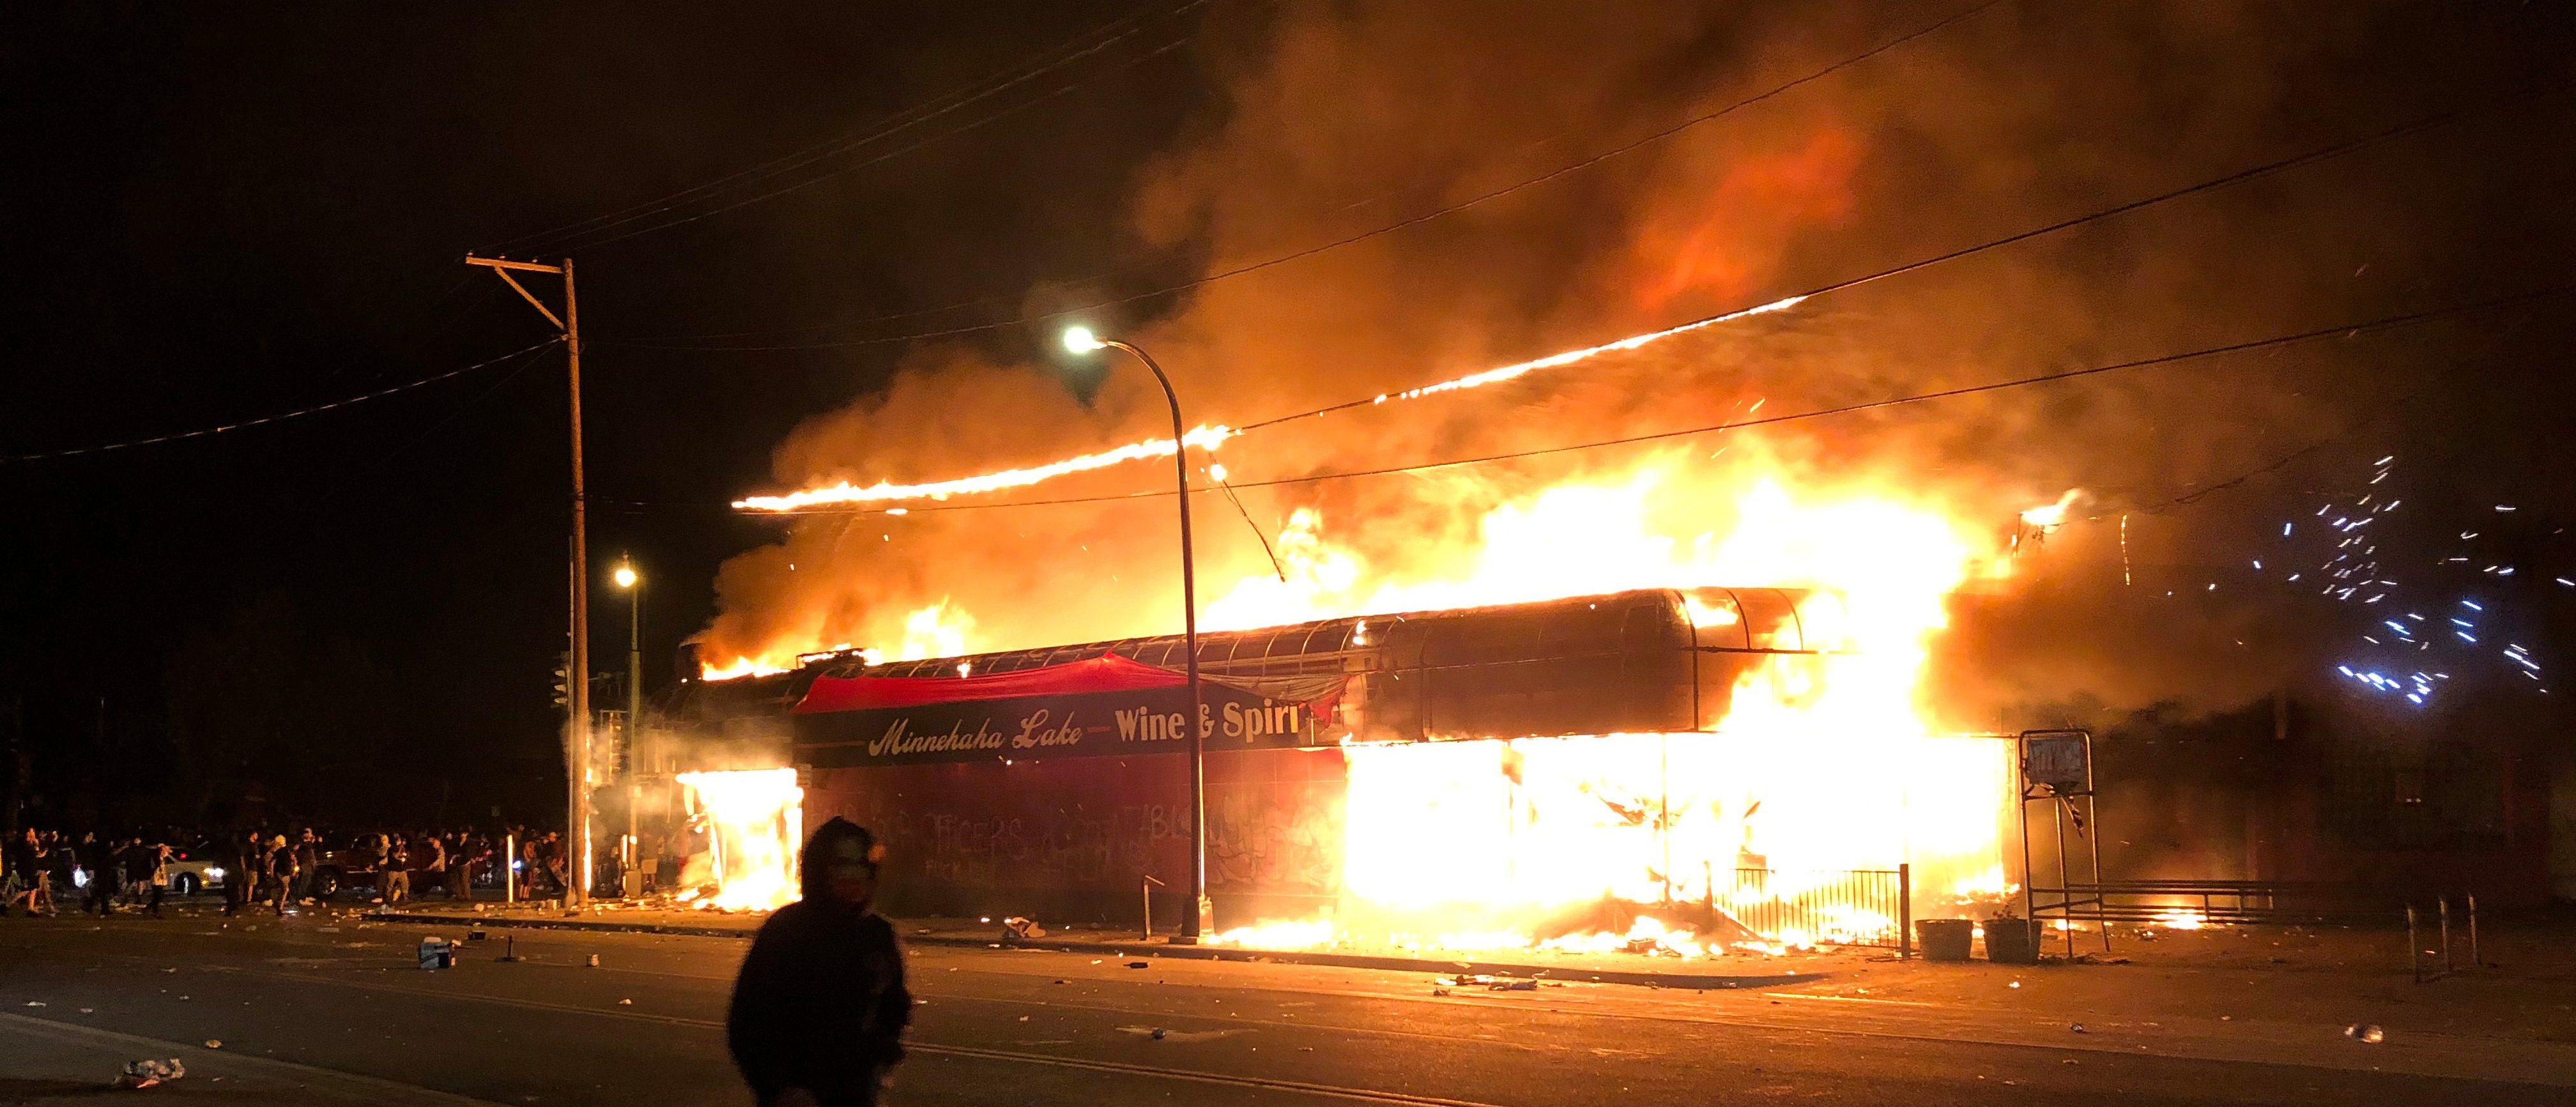 riots in america - photo #13